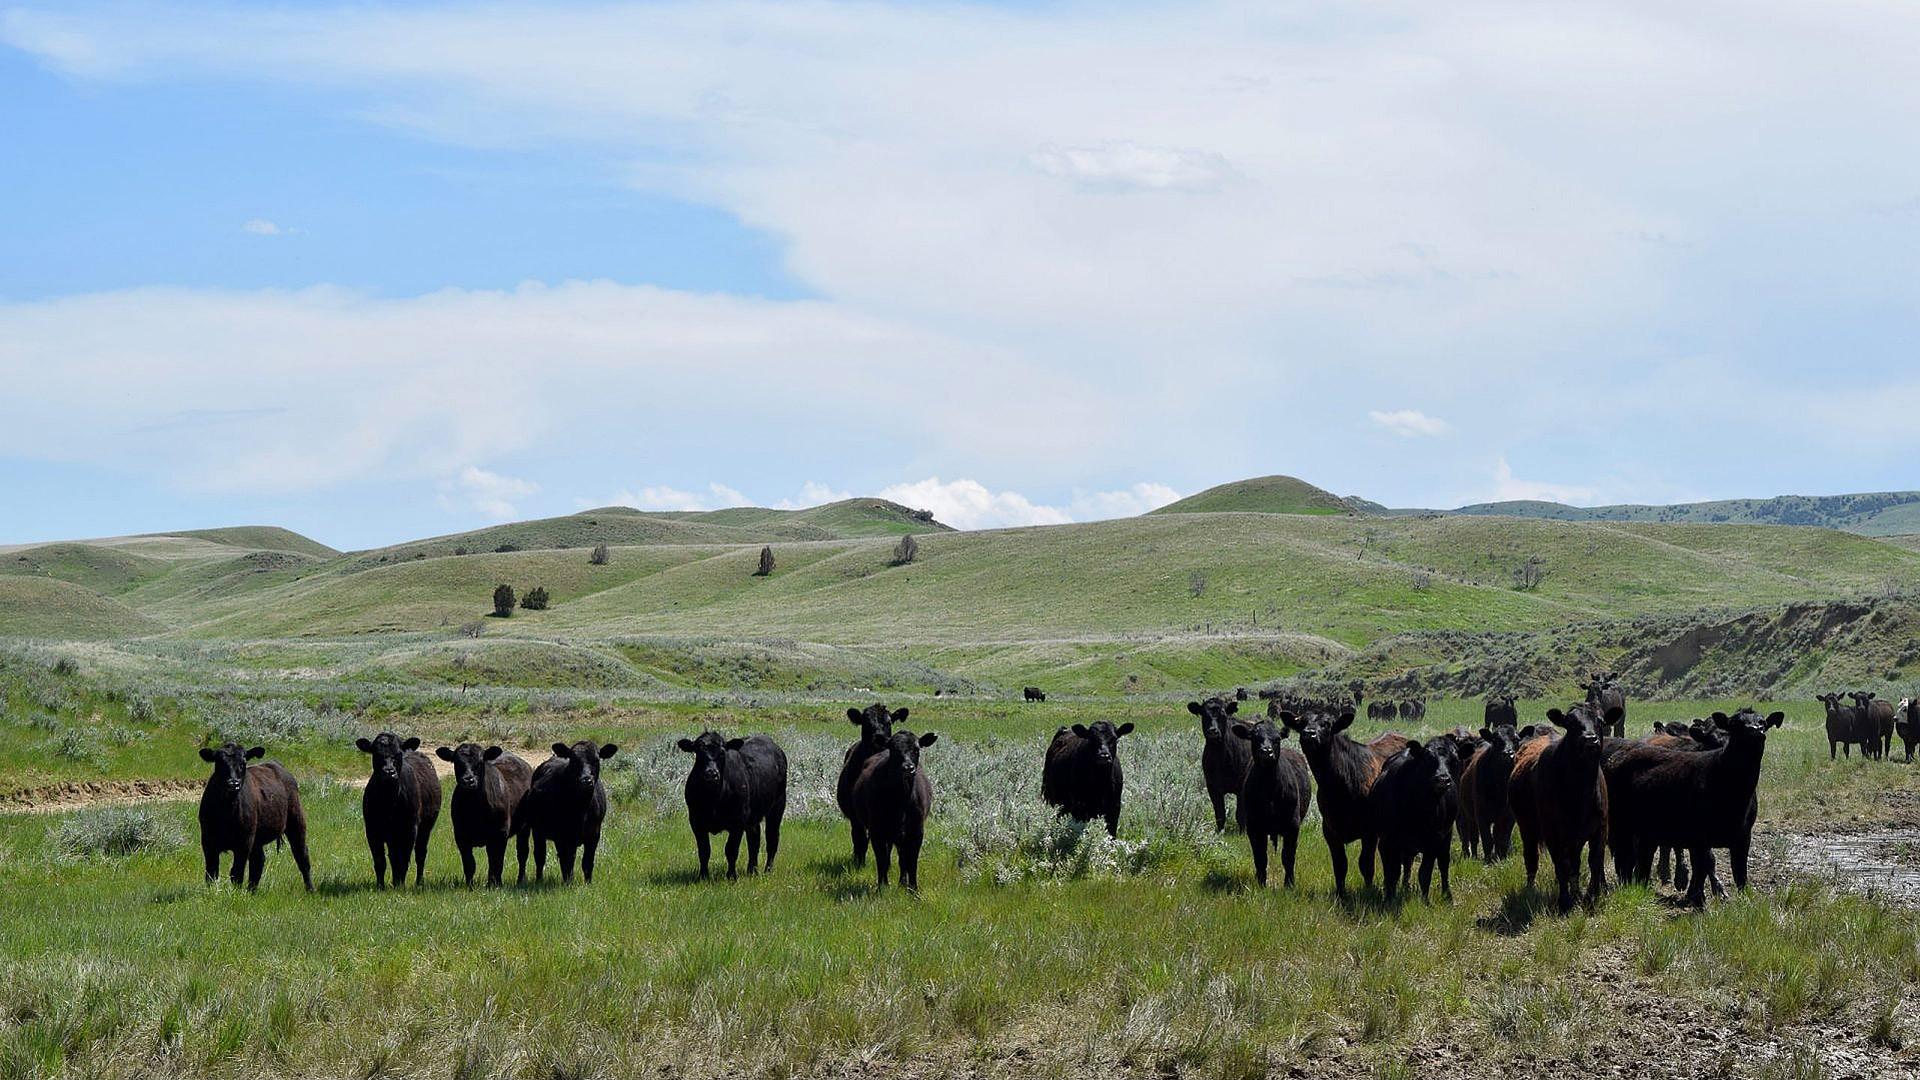 Rancholme Ranch – Under Contract